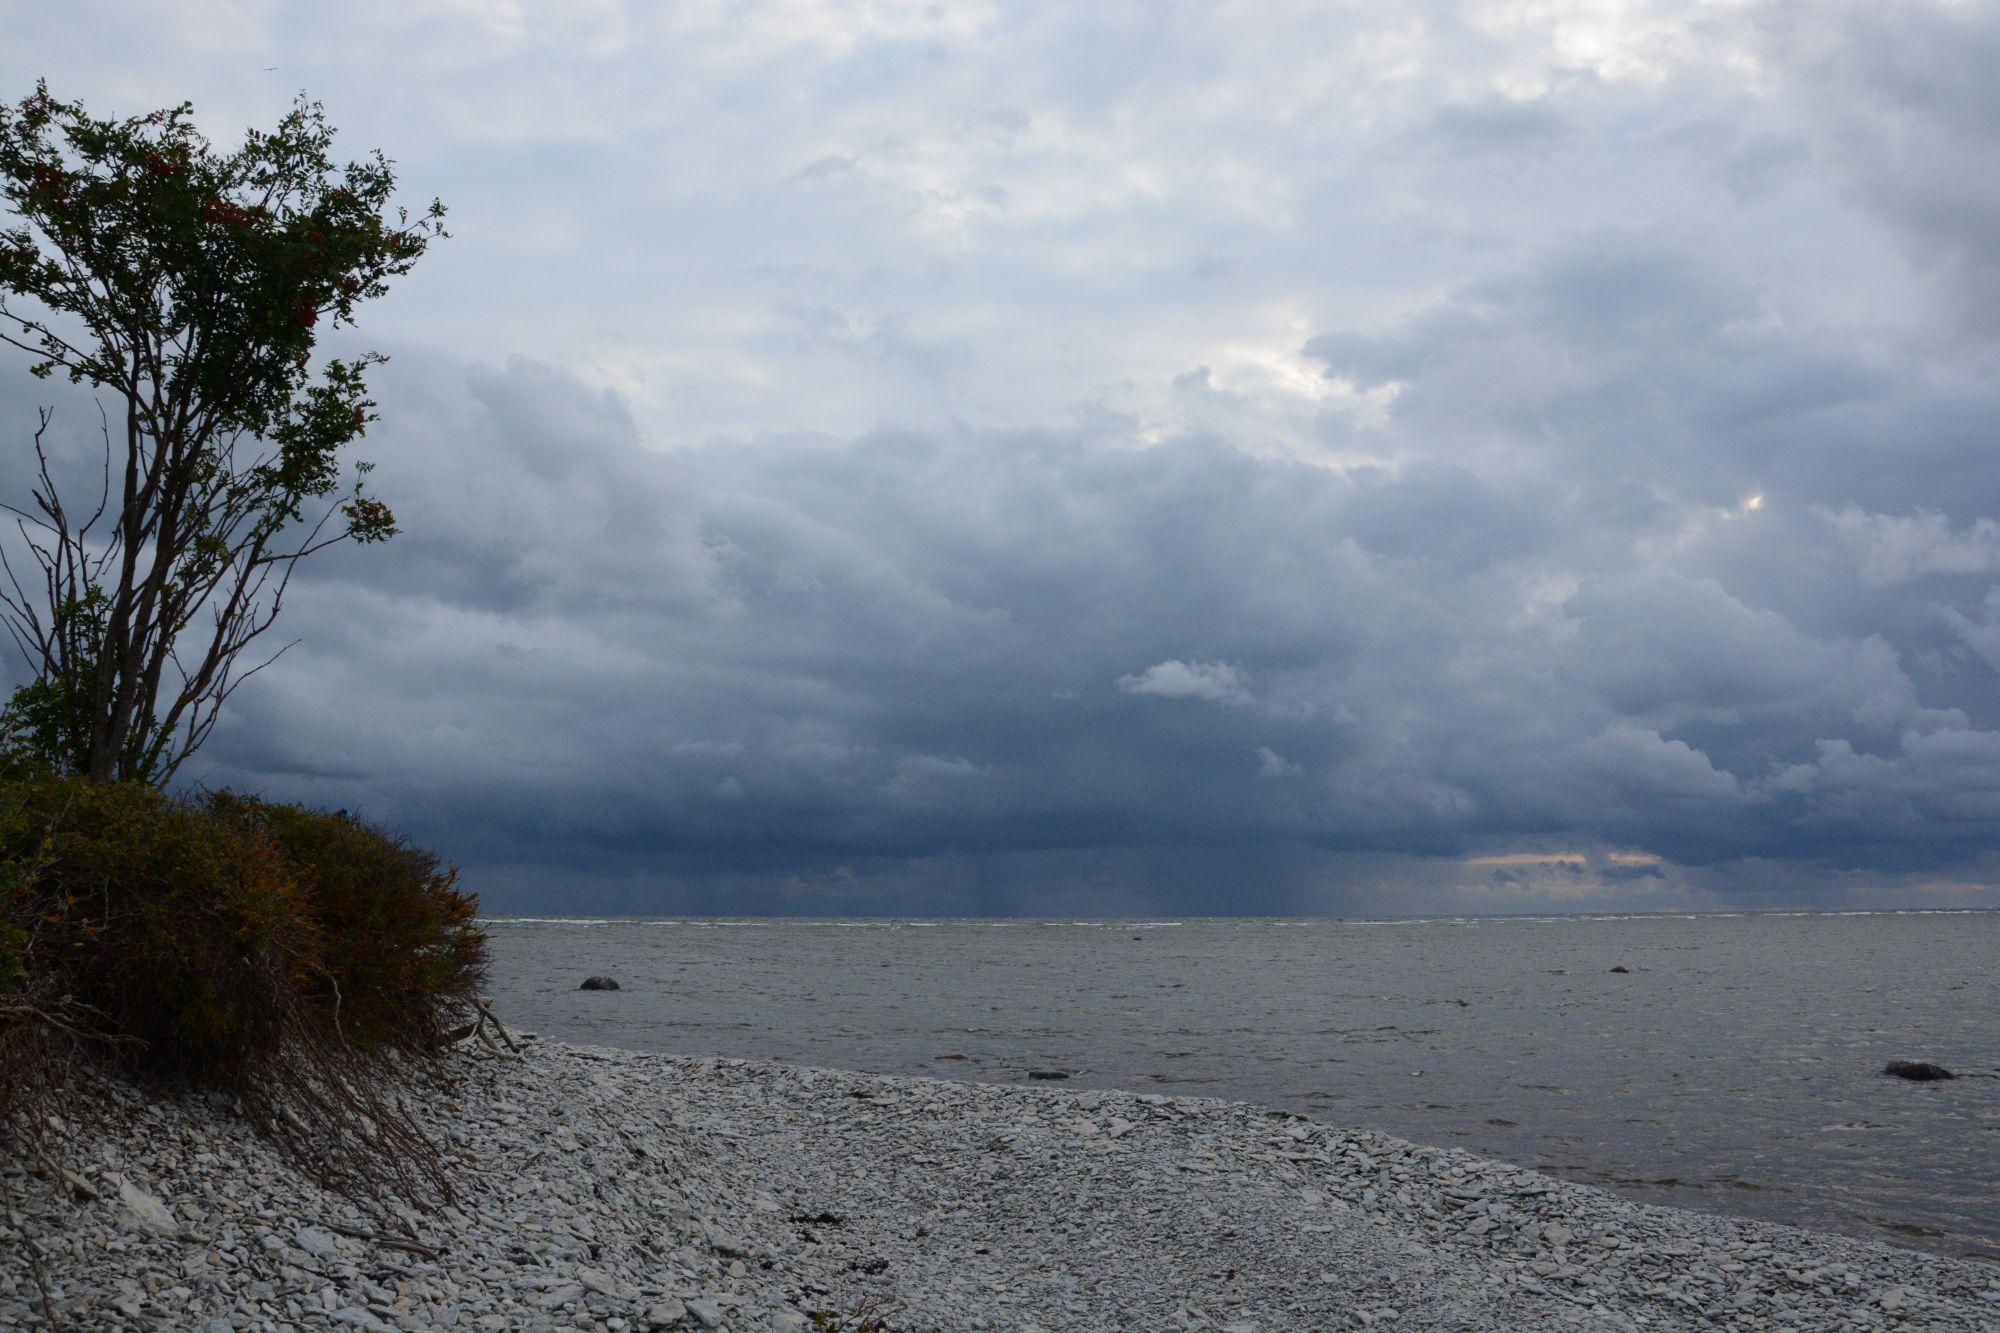 Kivise ja halli joonena piirab klibu saare esikmetsa rohelust. Foto: Kadri Paomees.